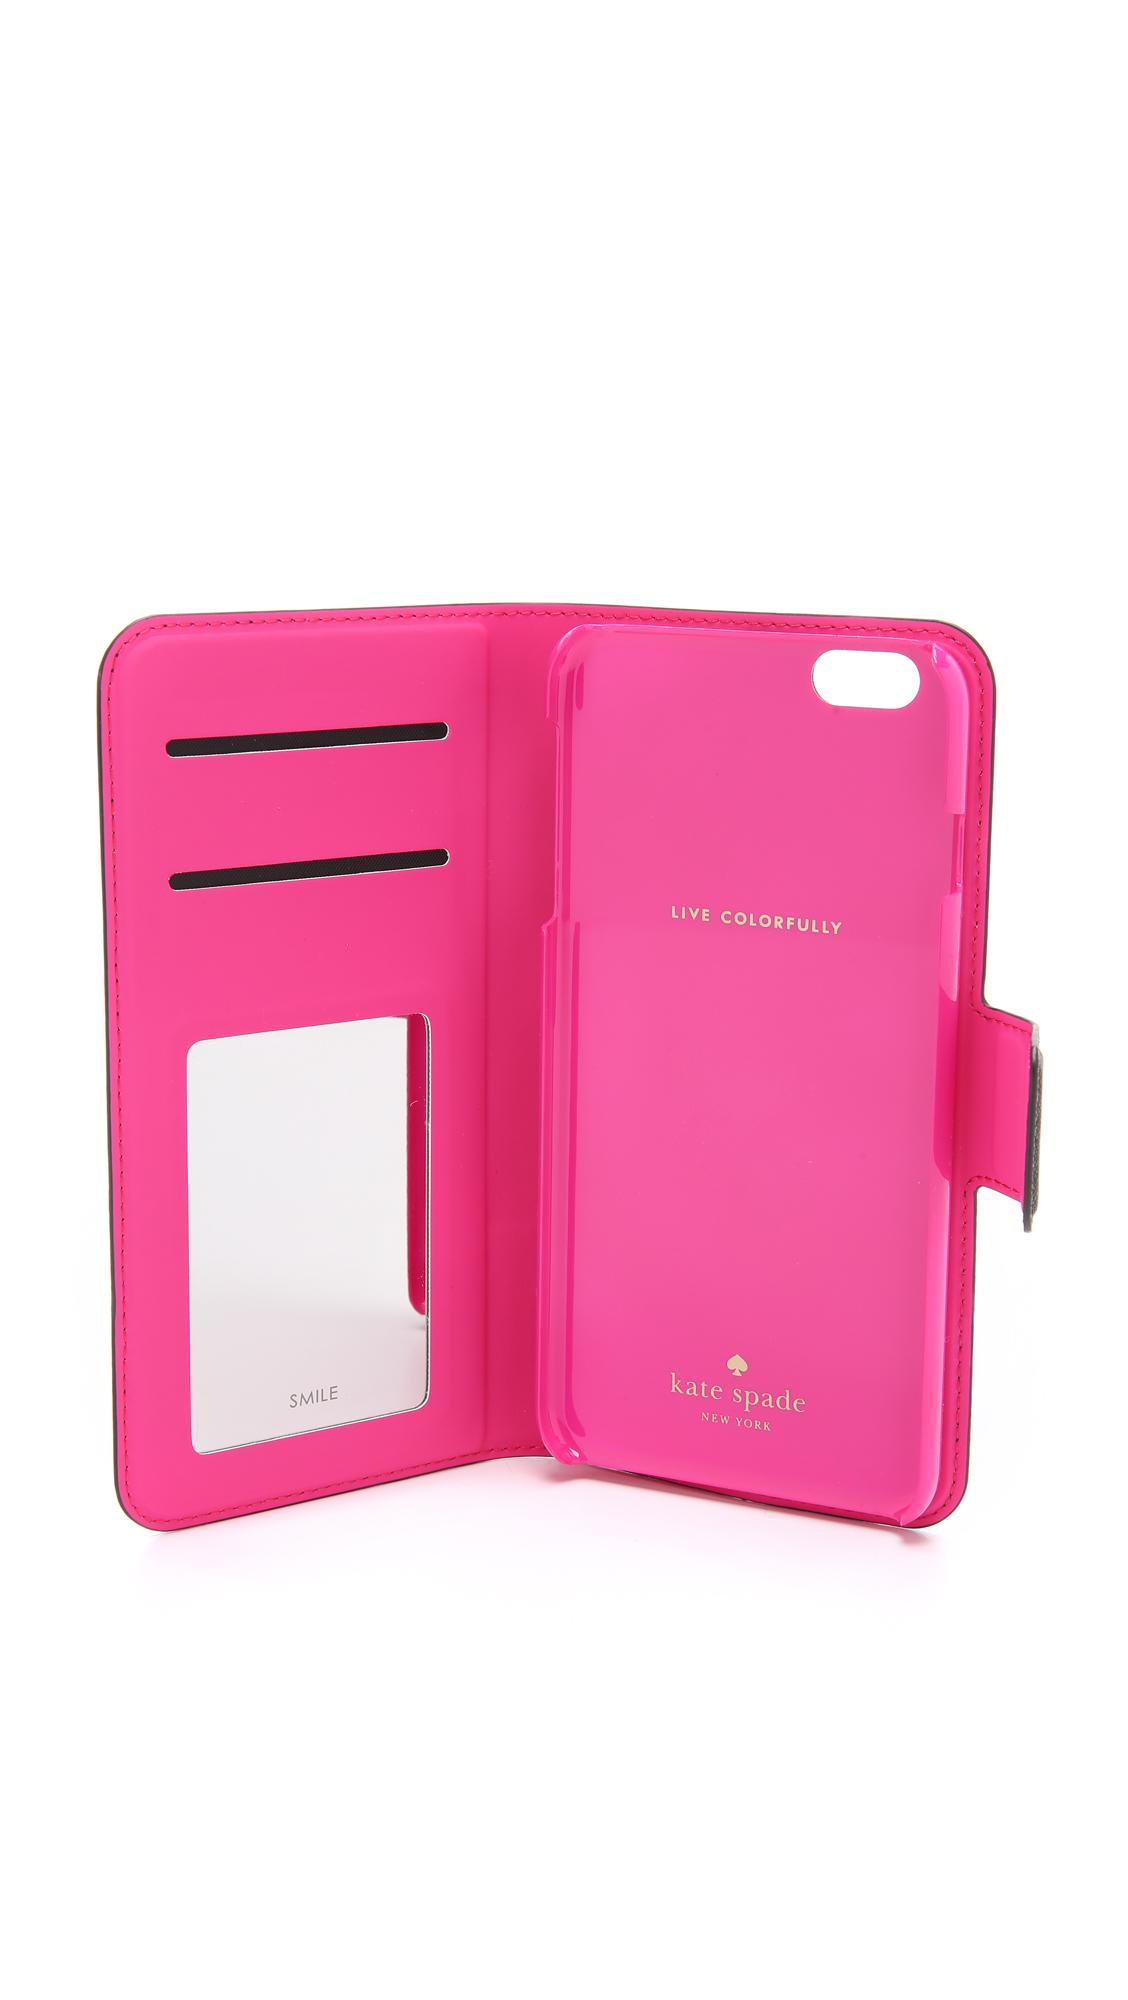 official photos 7acc5 2031d Leather Wrap Folio iPhone 6 Plus / 6s Plus Case